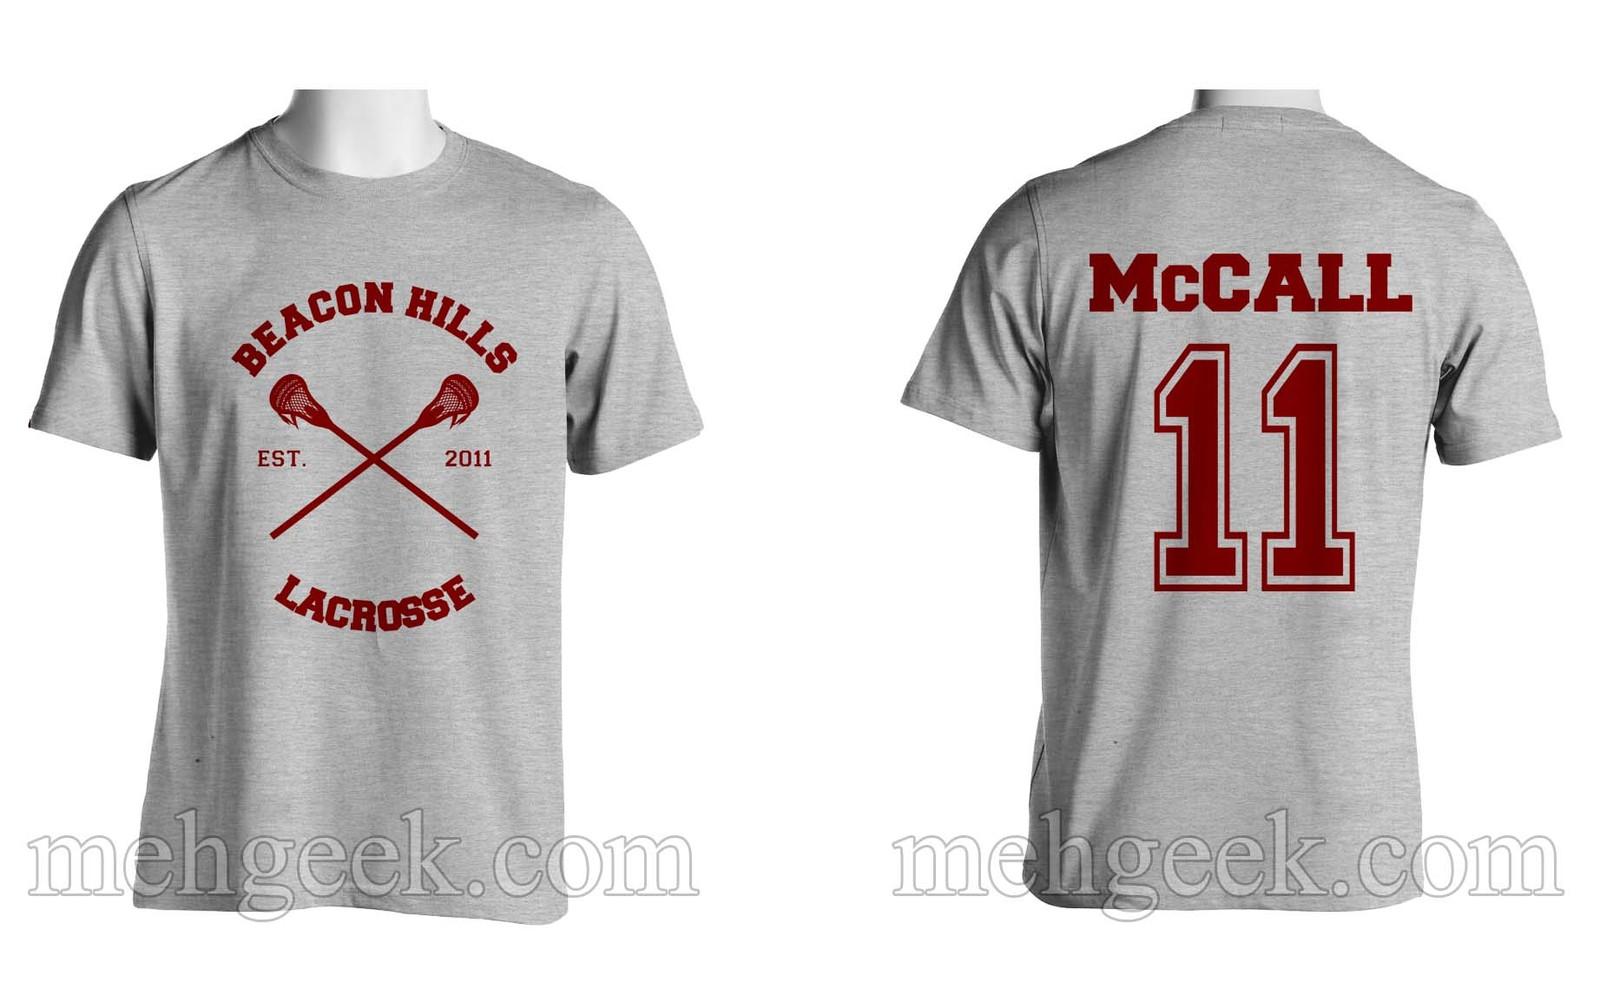 MCCALL 11 Scott Mccall CR Beacon Hills Lacrosse Teenwolf Men tee SPORTGREY S-3XL - $24.00